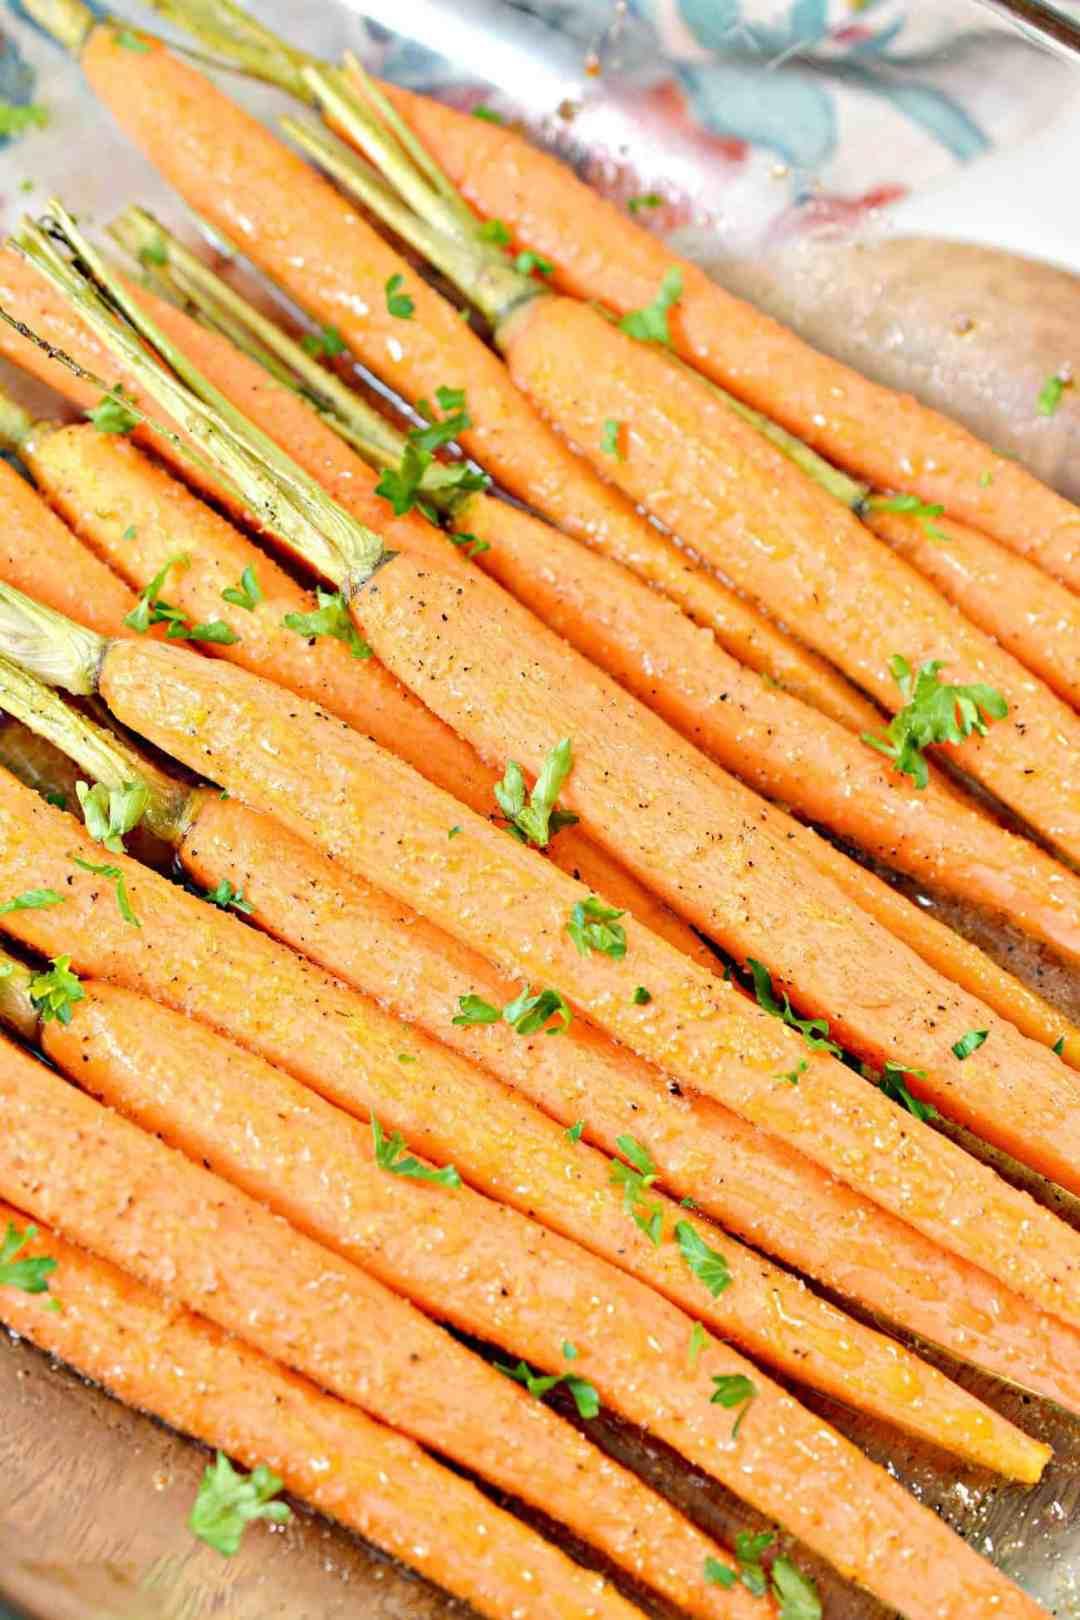 Honey Glazed Oven Roasted Carrots